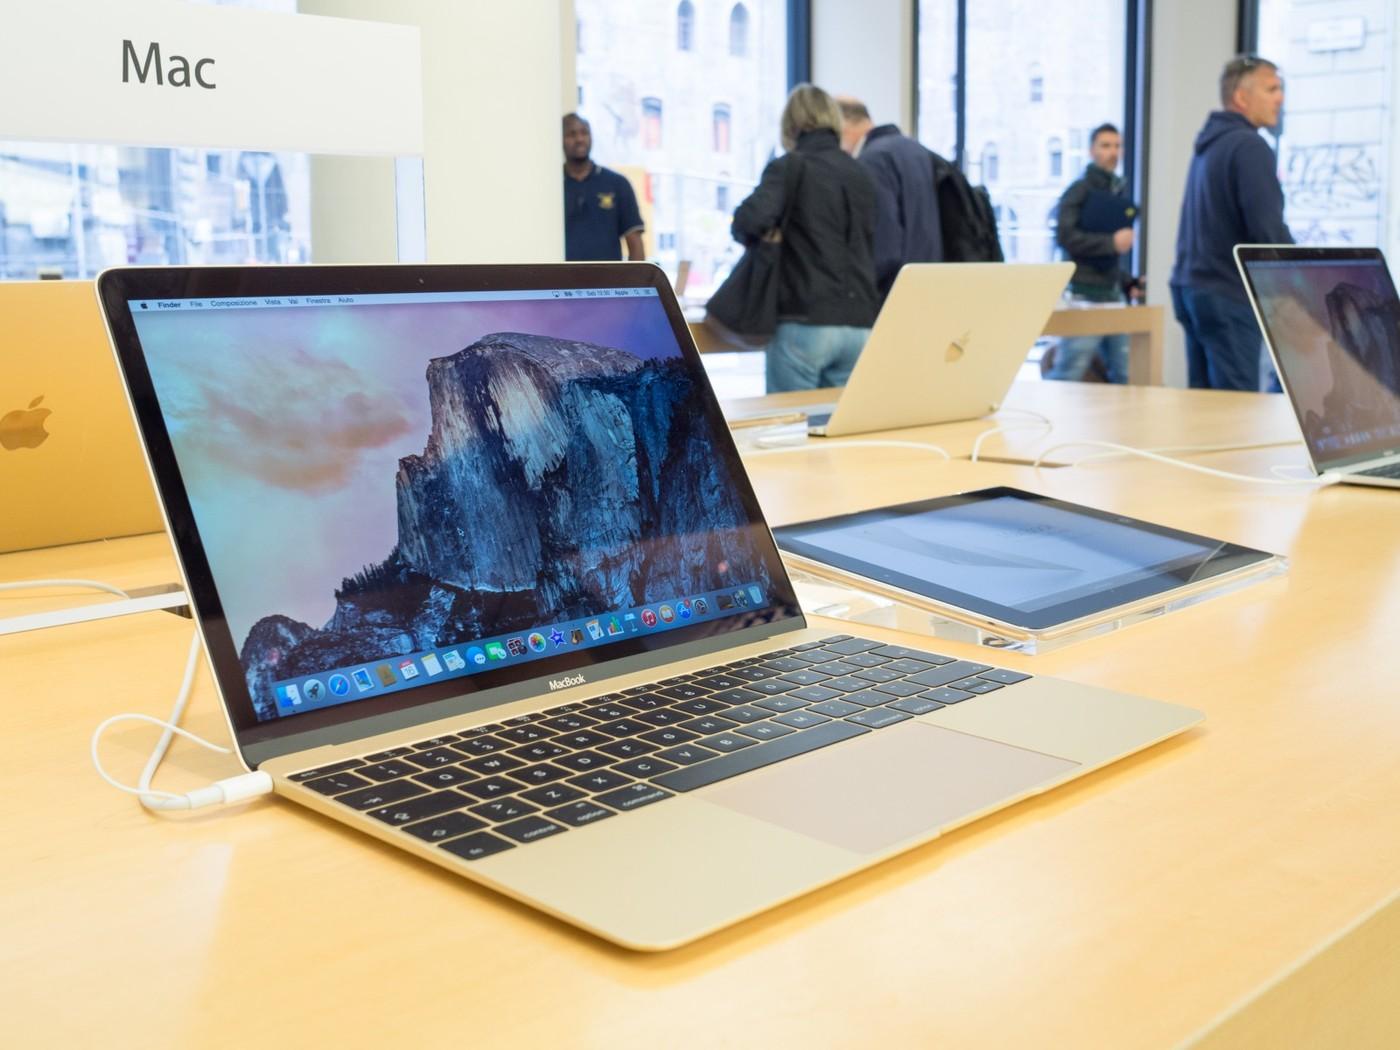 全球PC出貨連八季萎縮,蘋果Mac重摔、華碩逆勢成長